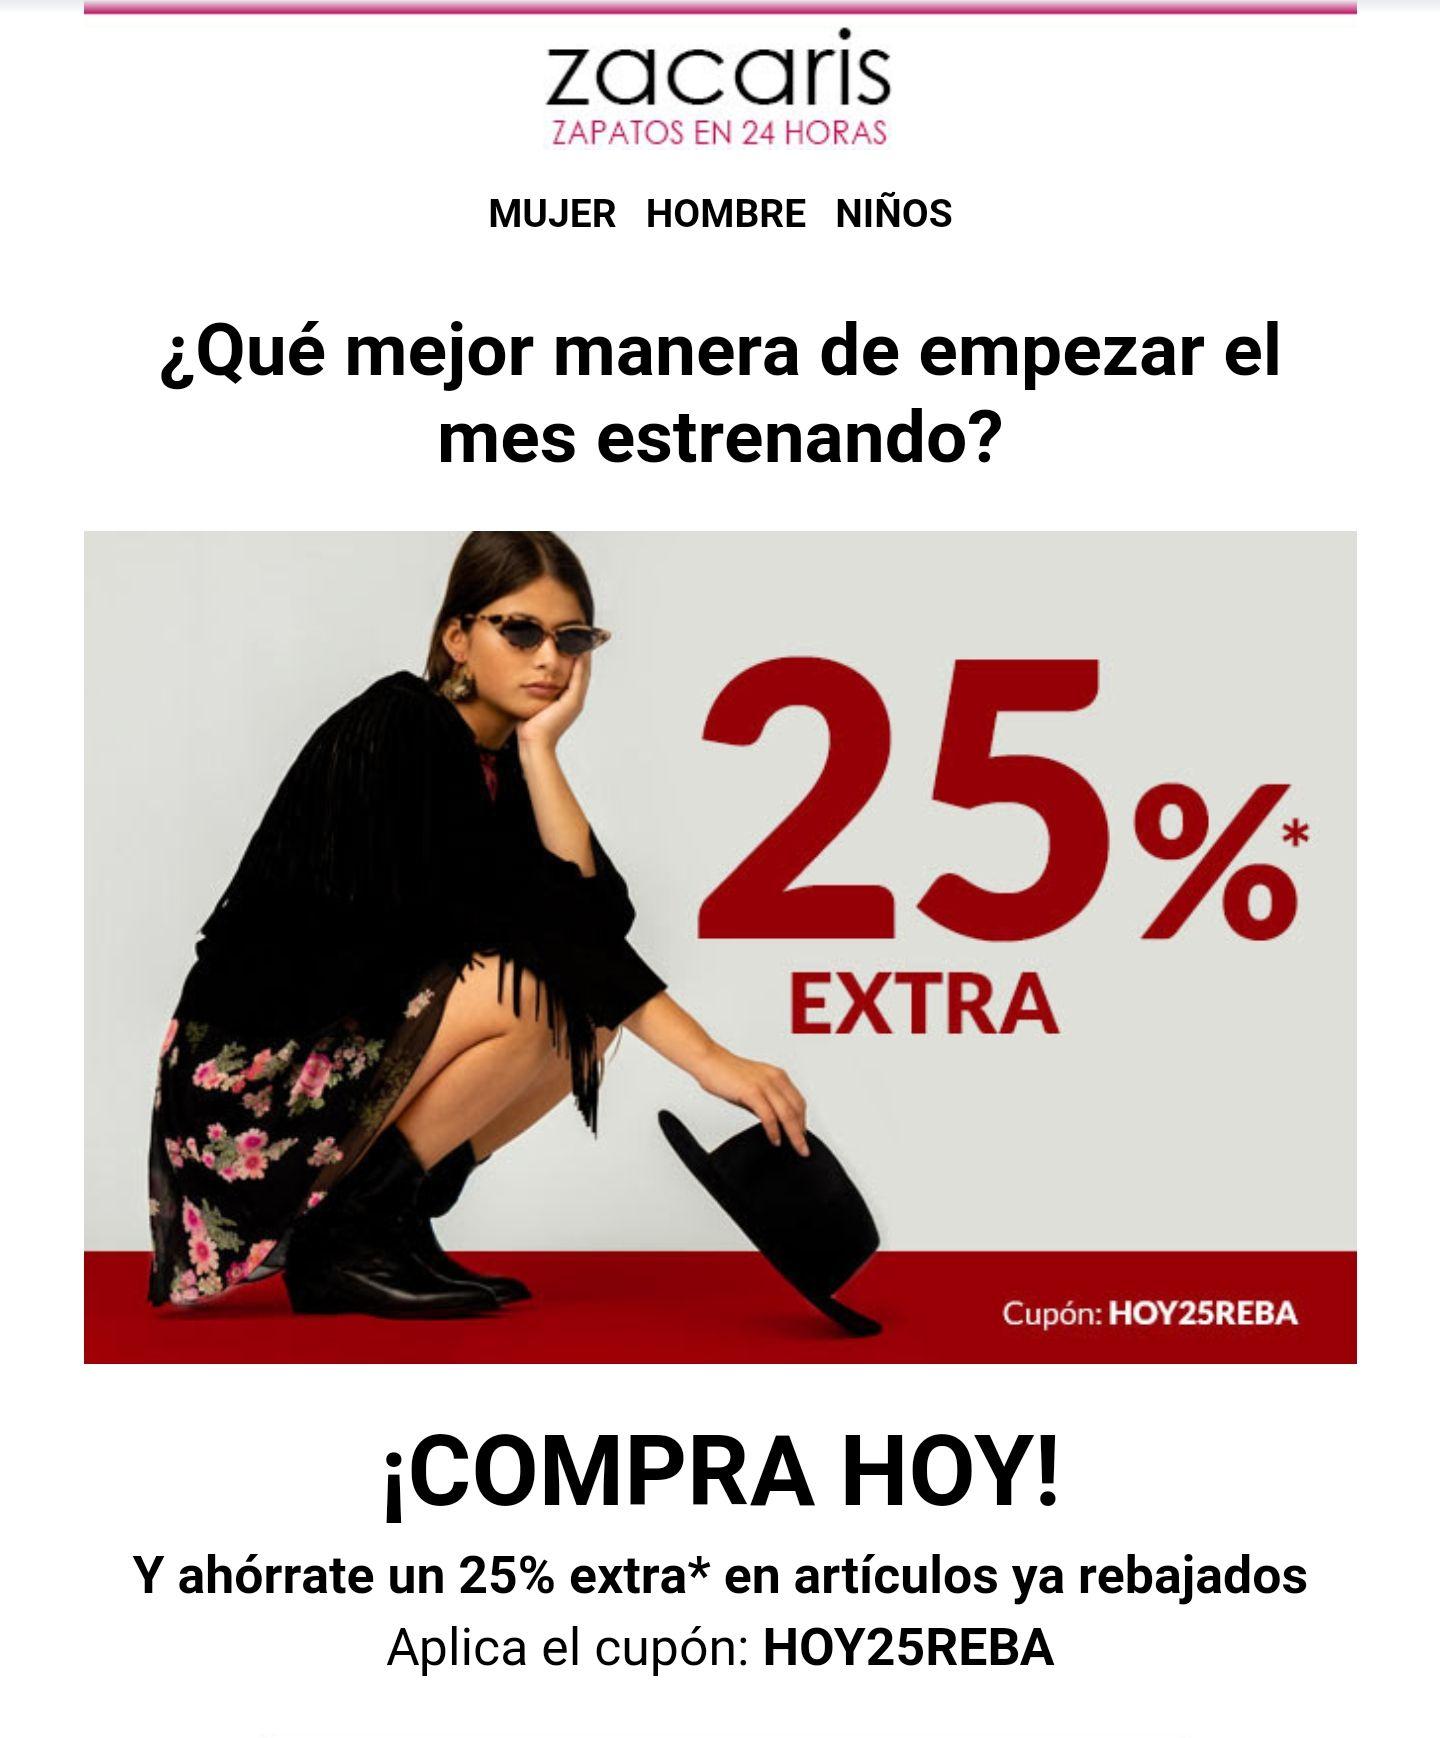 DESCUENTO 25% EXTRA SOLO HOY - Zacaris